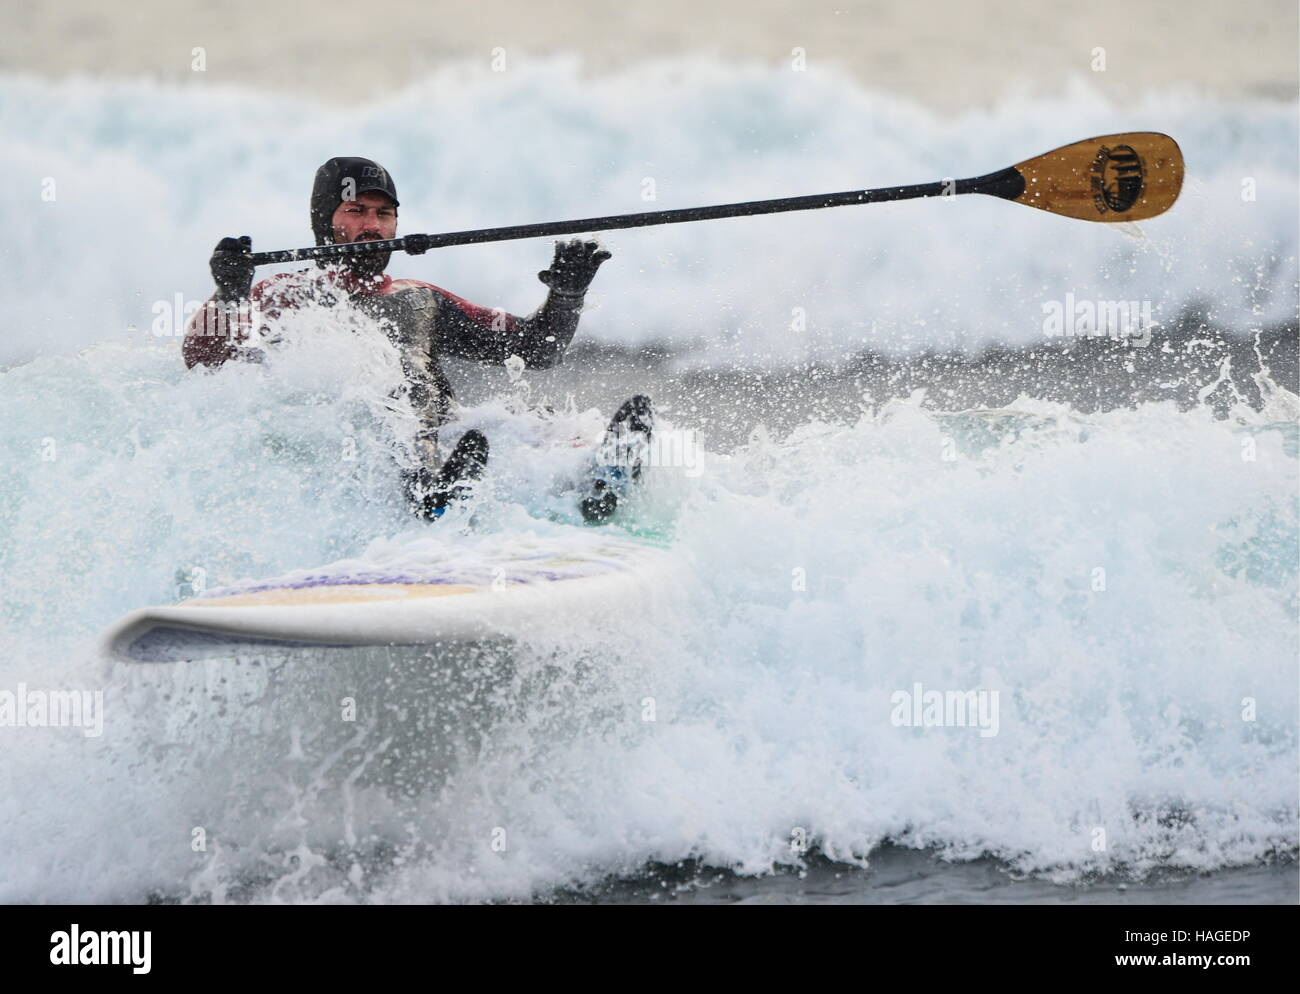 Vladivostok, Rusia. El 1 de diciembre, 2016. Un hombre montado en una ola en el stand up paddle board en la Bahía Imagen De Stock